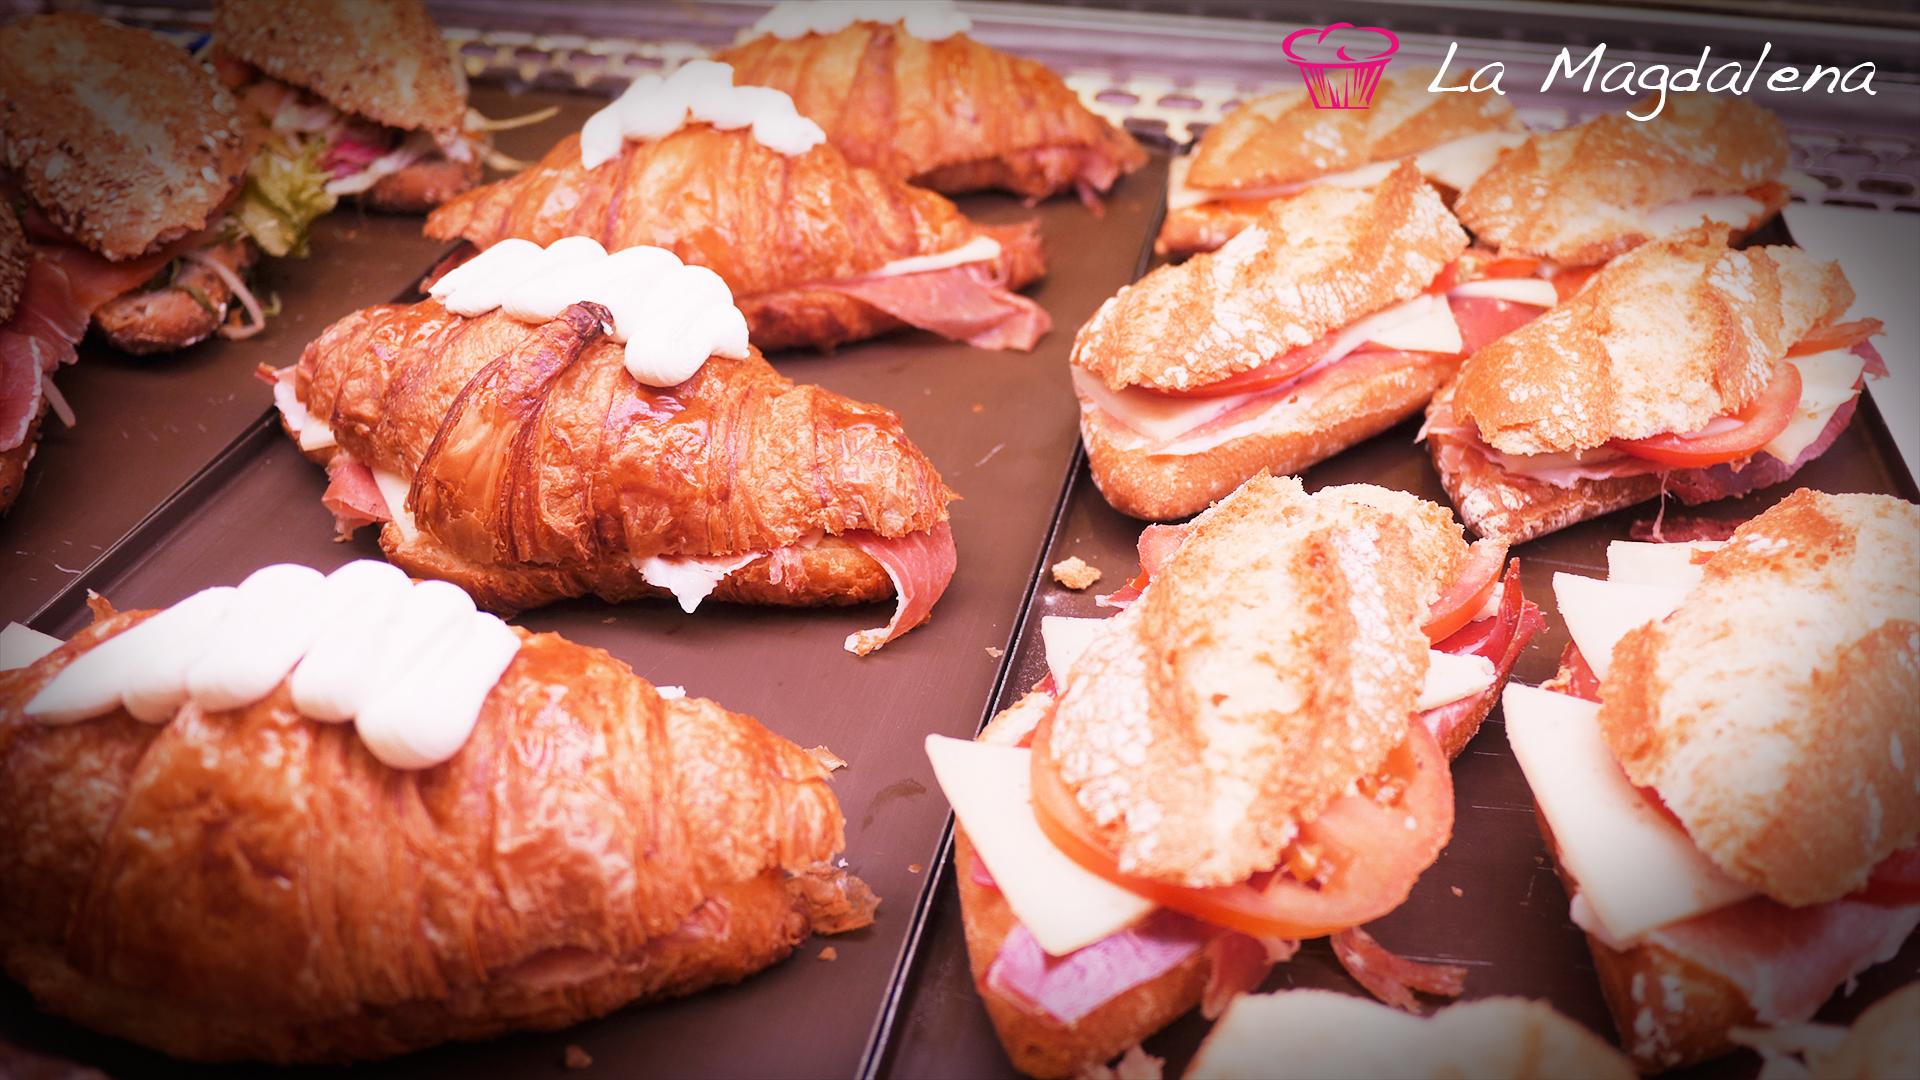 Bocadillos y croissants